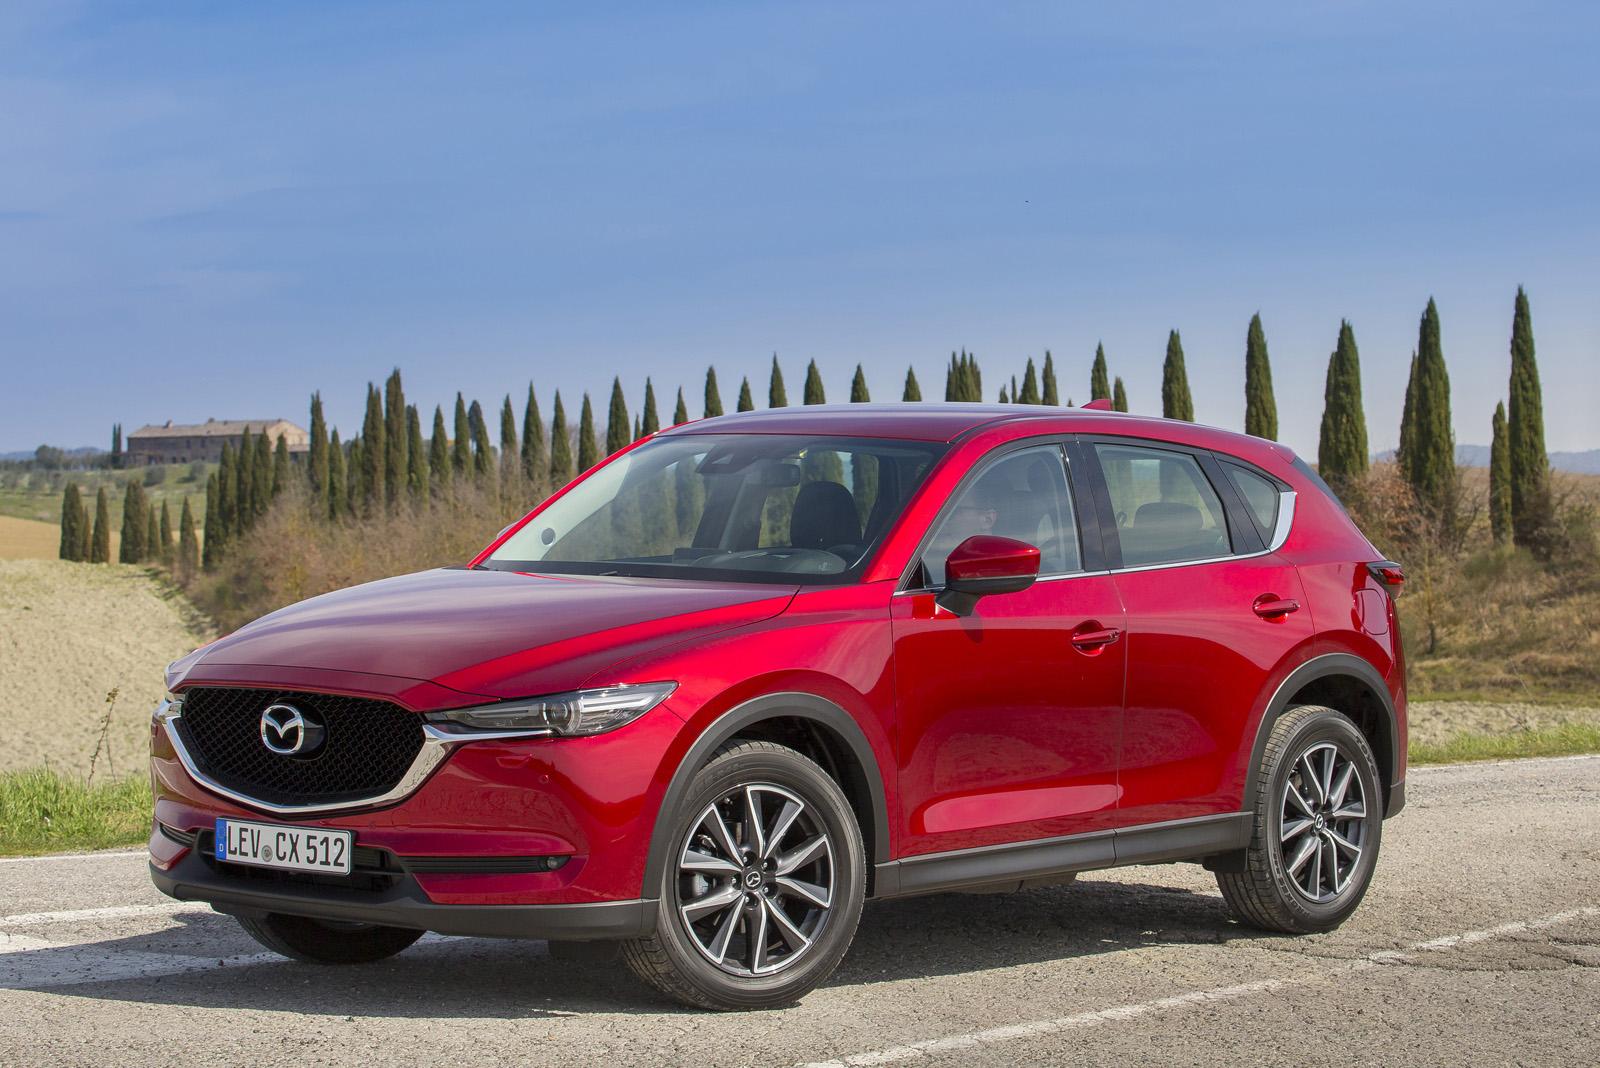 Precios de Mazda CX-5 2017